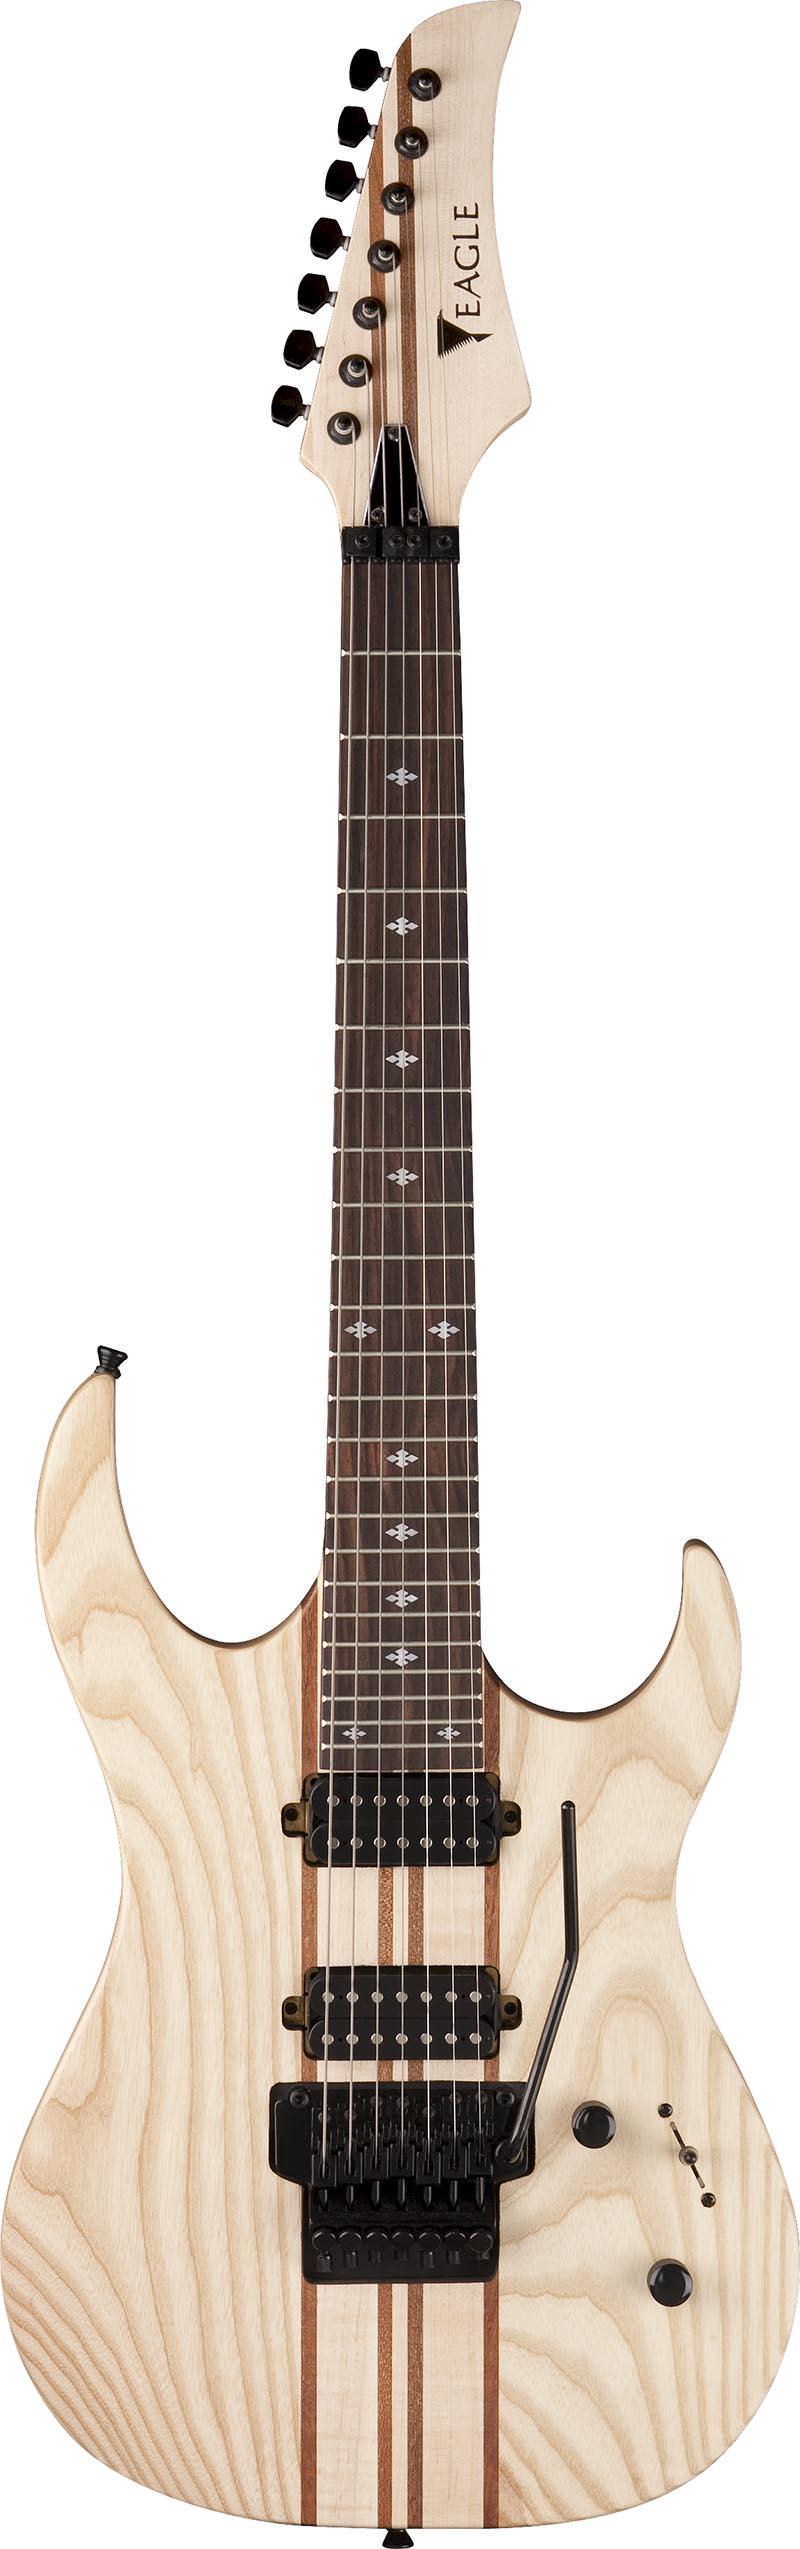 egt66 guitarra eletrica 7 cordas eagle egt66 stnt natural acetinado visao frontal vertical